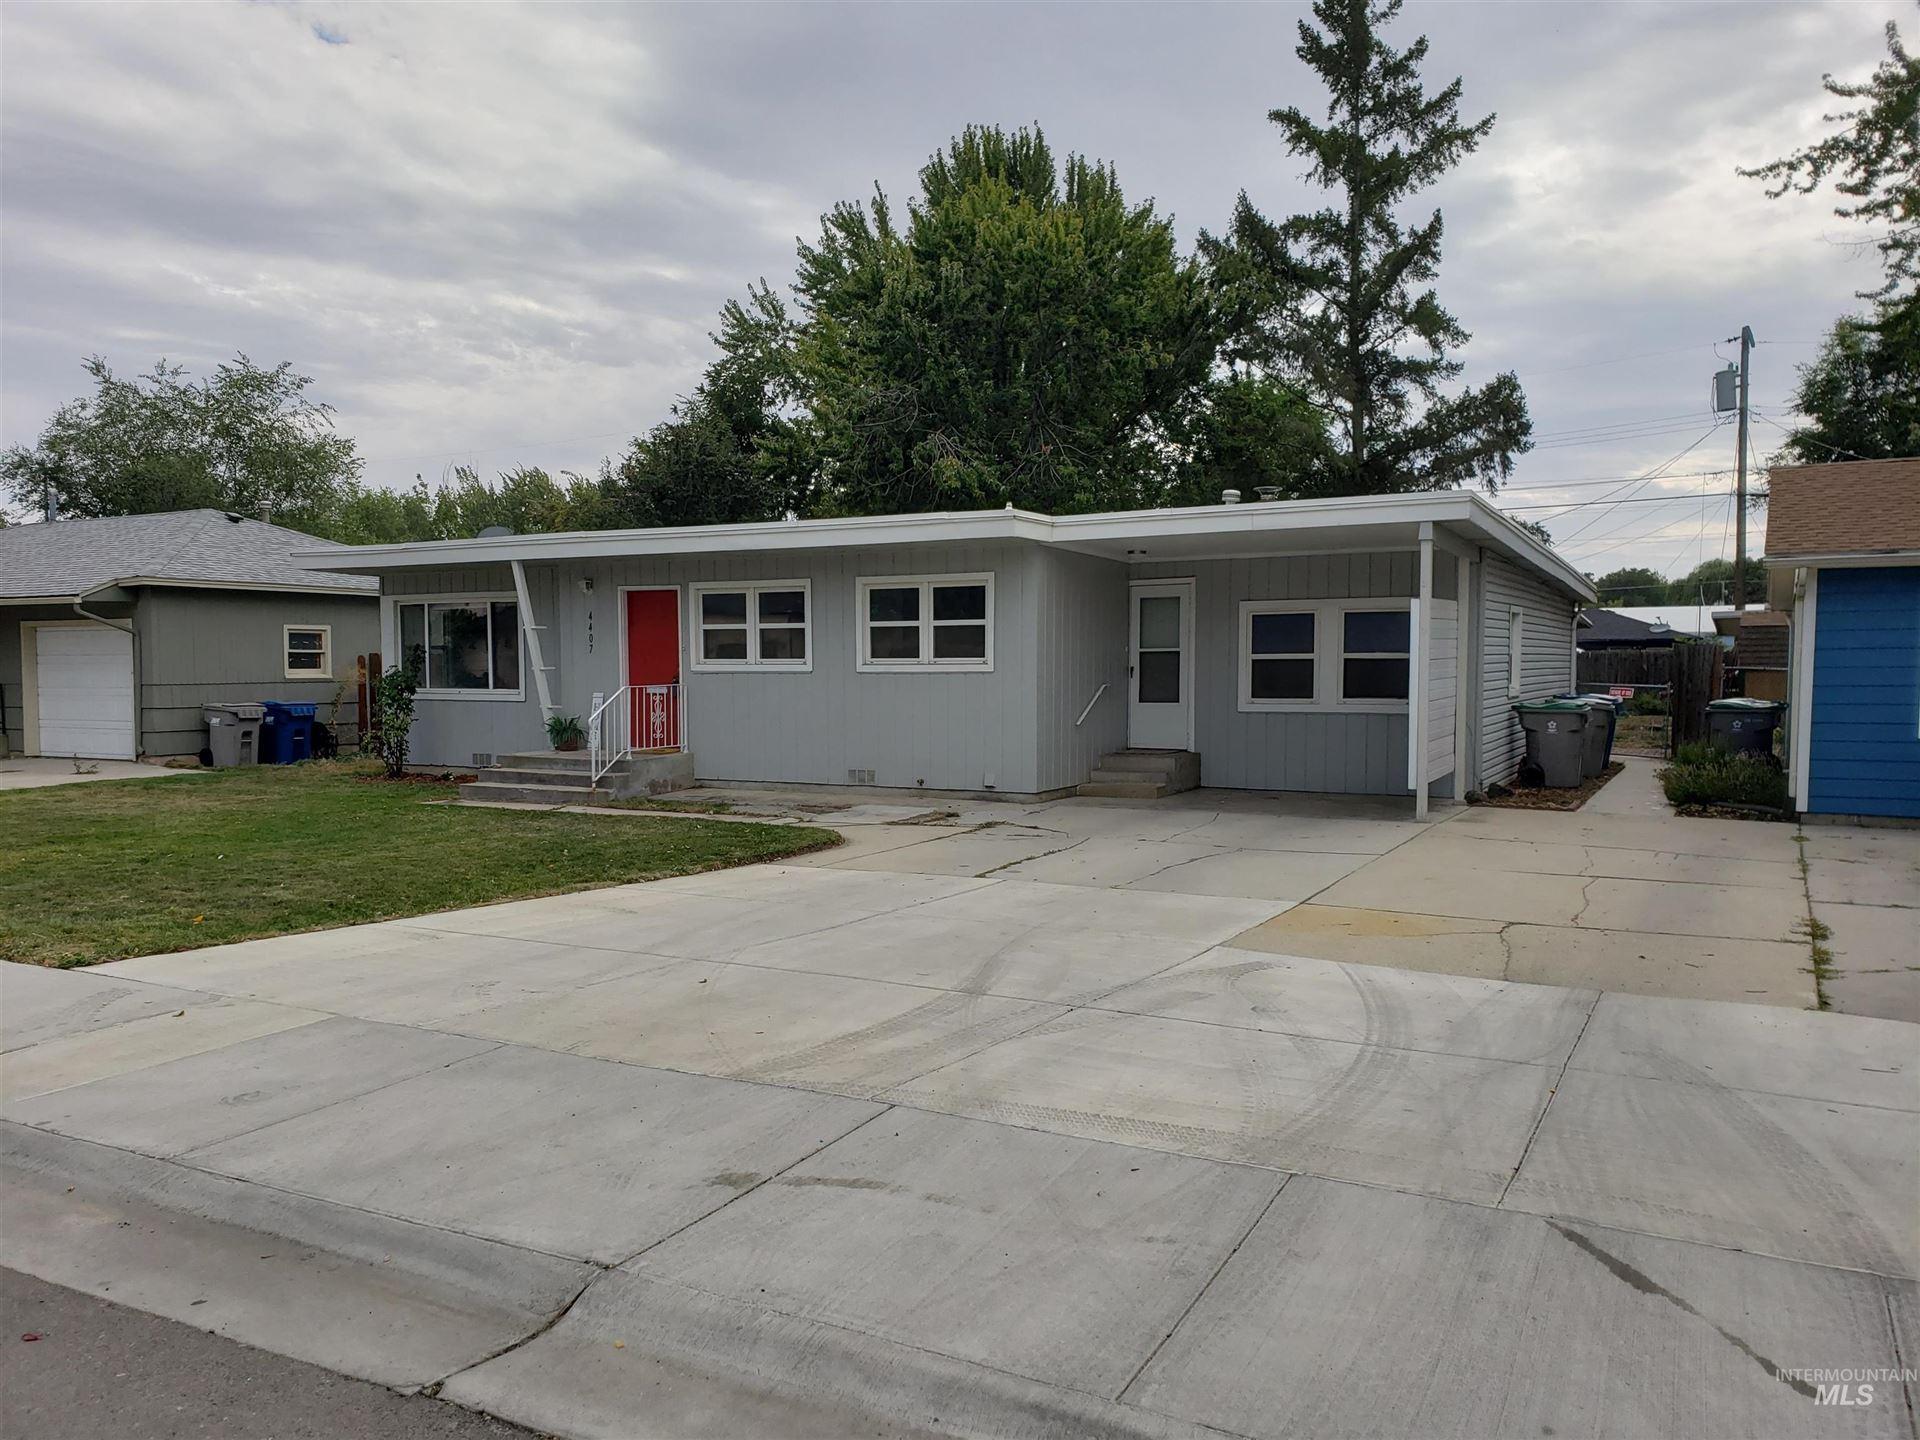 4407 W Clark, Boise, ID 83705 - MLS#: 98819675